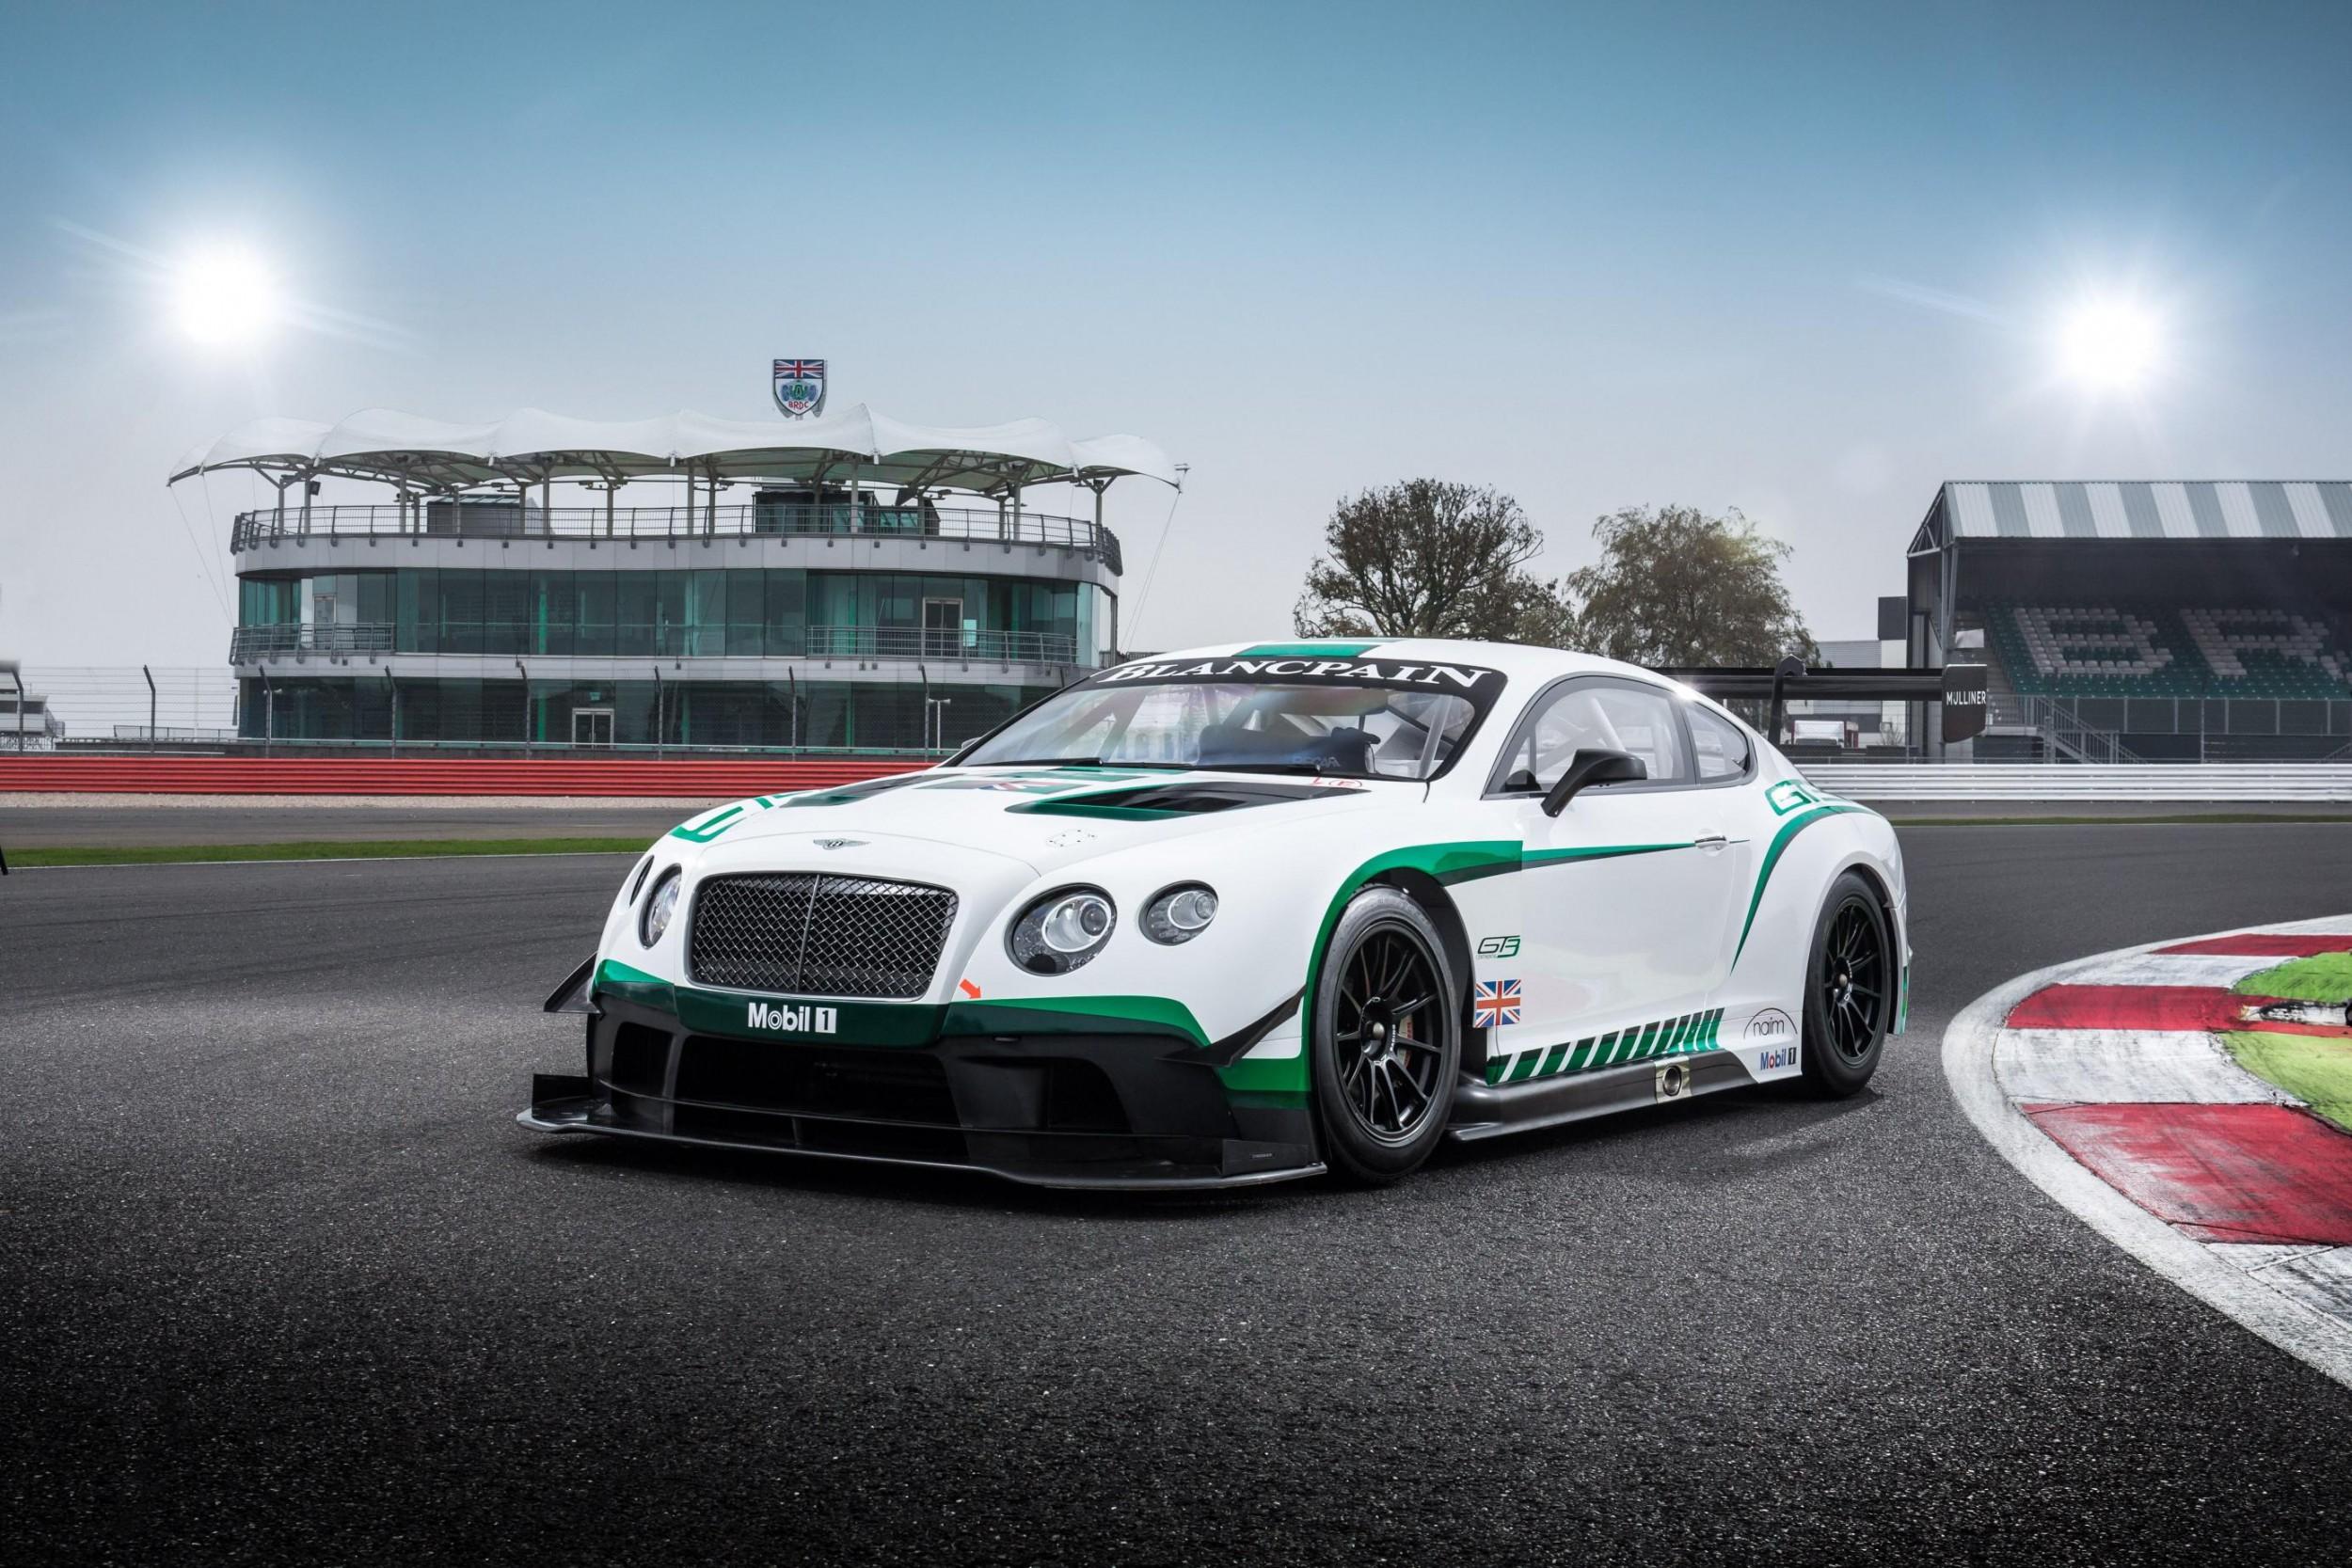 Gallery 2016 Bentley Continental Gt3 Autotalk